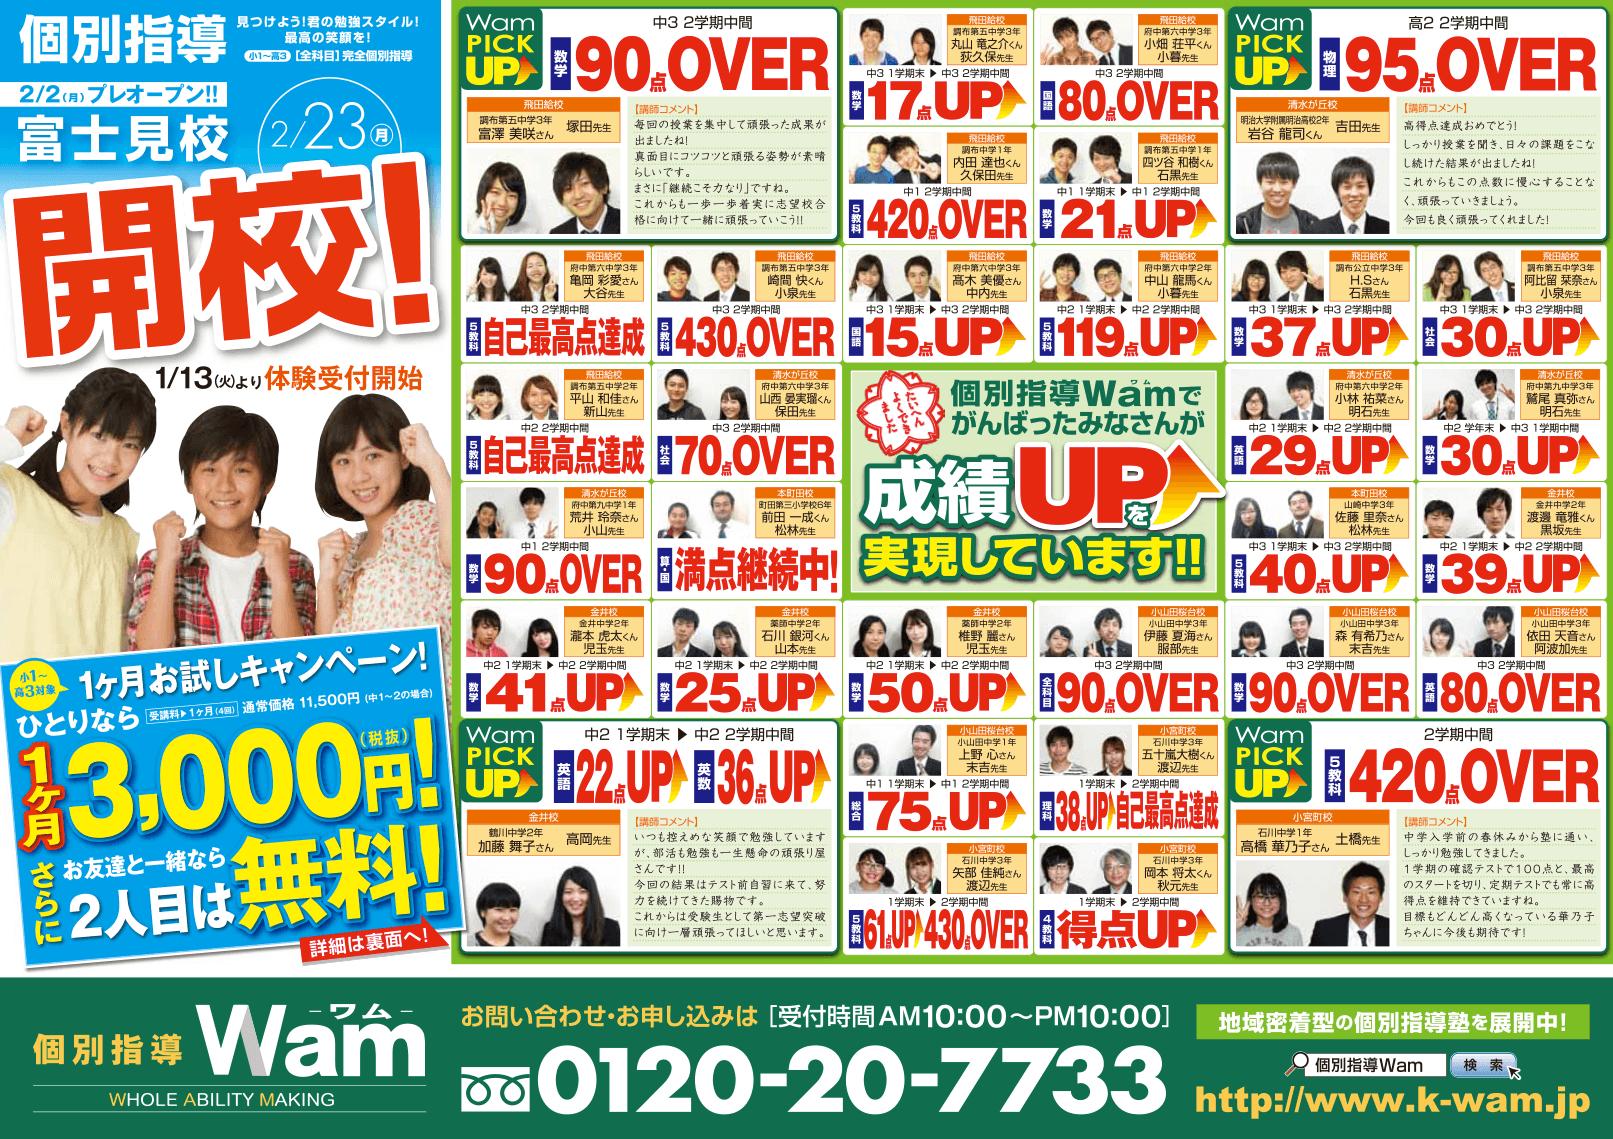 富士見校 2015年2月23日(月)開校・オモテ面